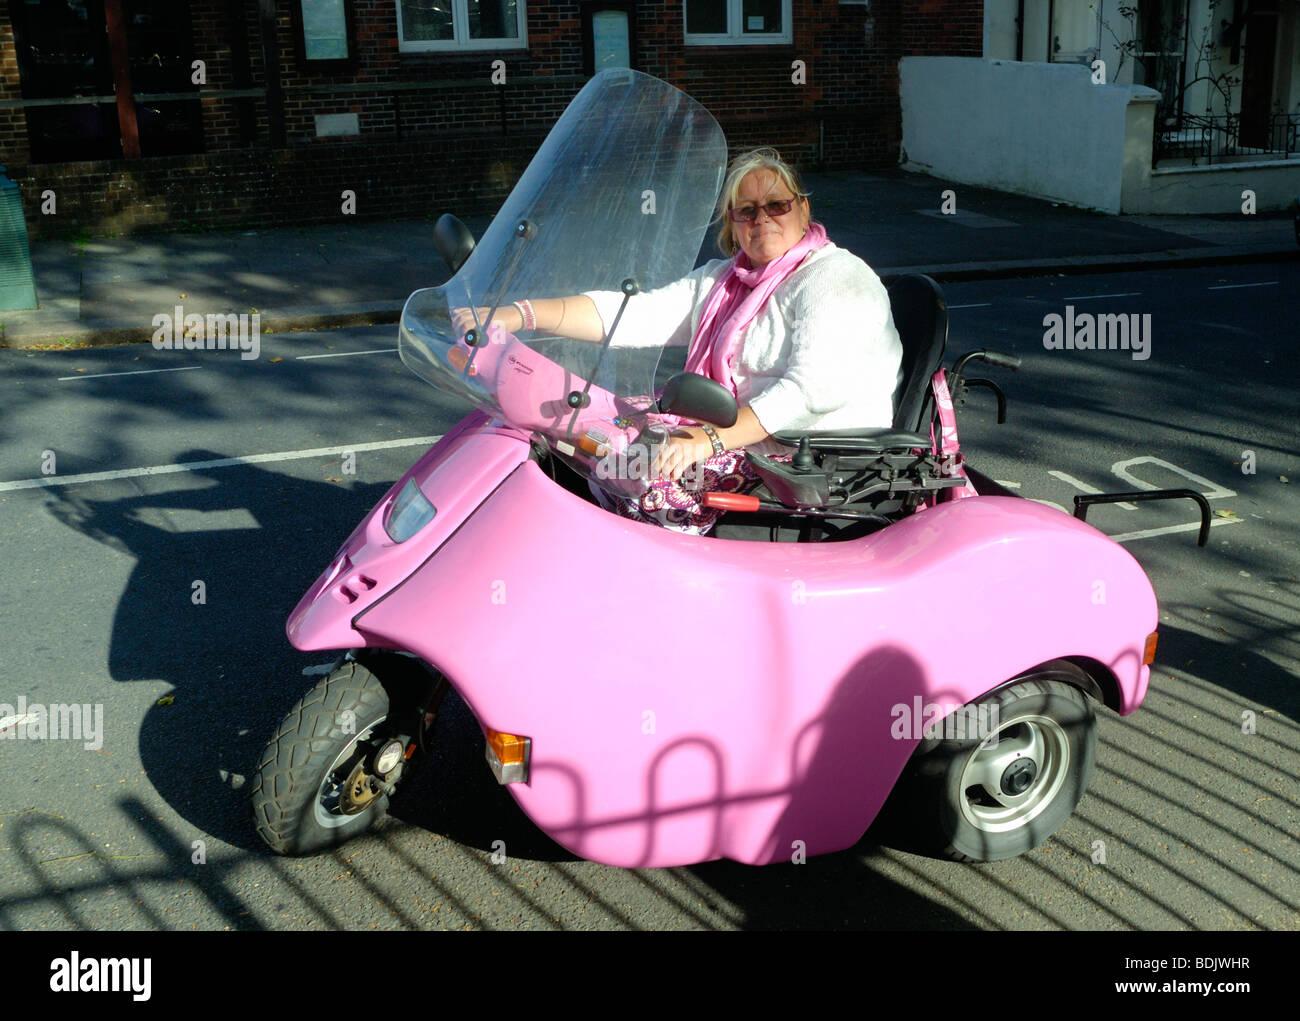 Una signora alla guida di una disabilità rosa scooter Immagini Stock